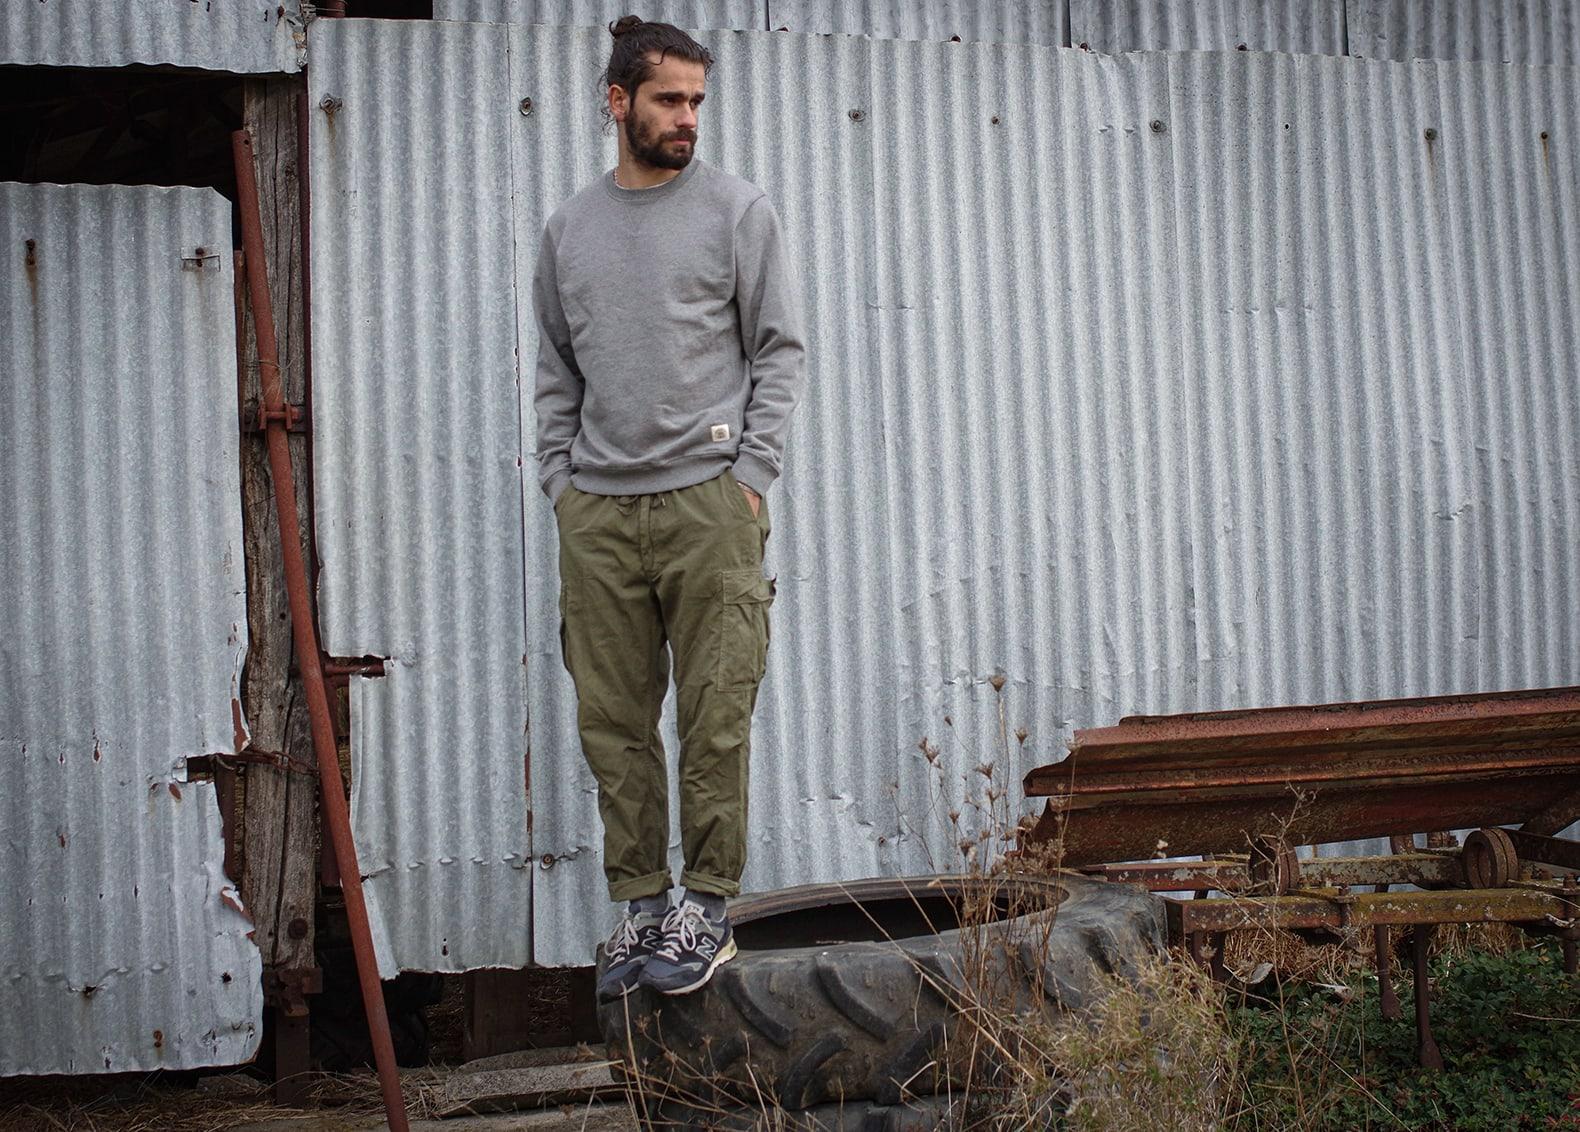 comment porter un sweat gris avec un pantalon cargo militaire - idée look workwear homme